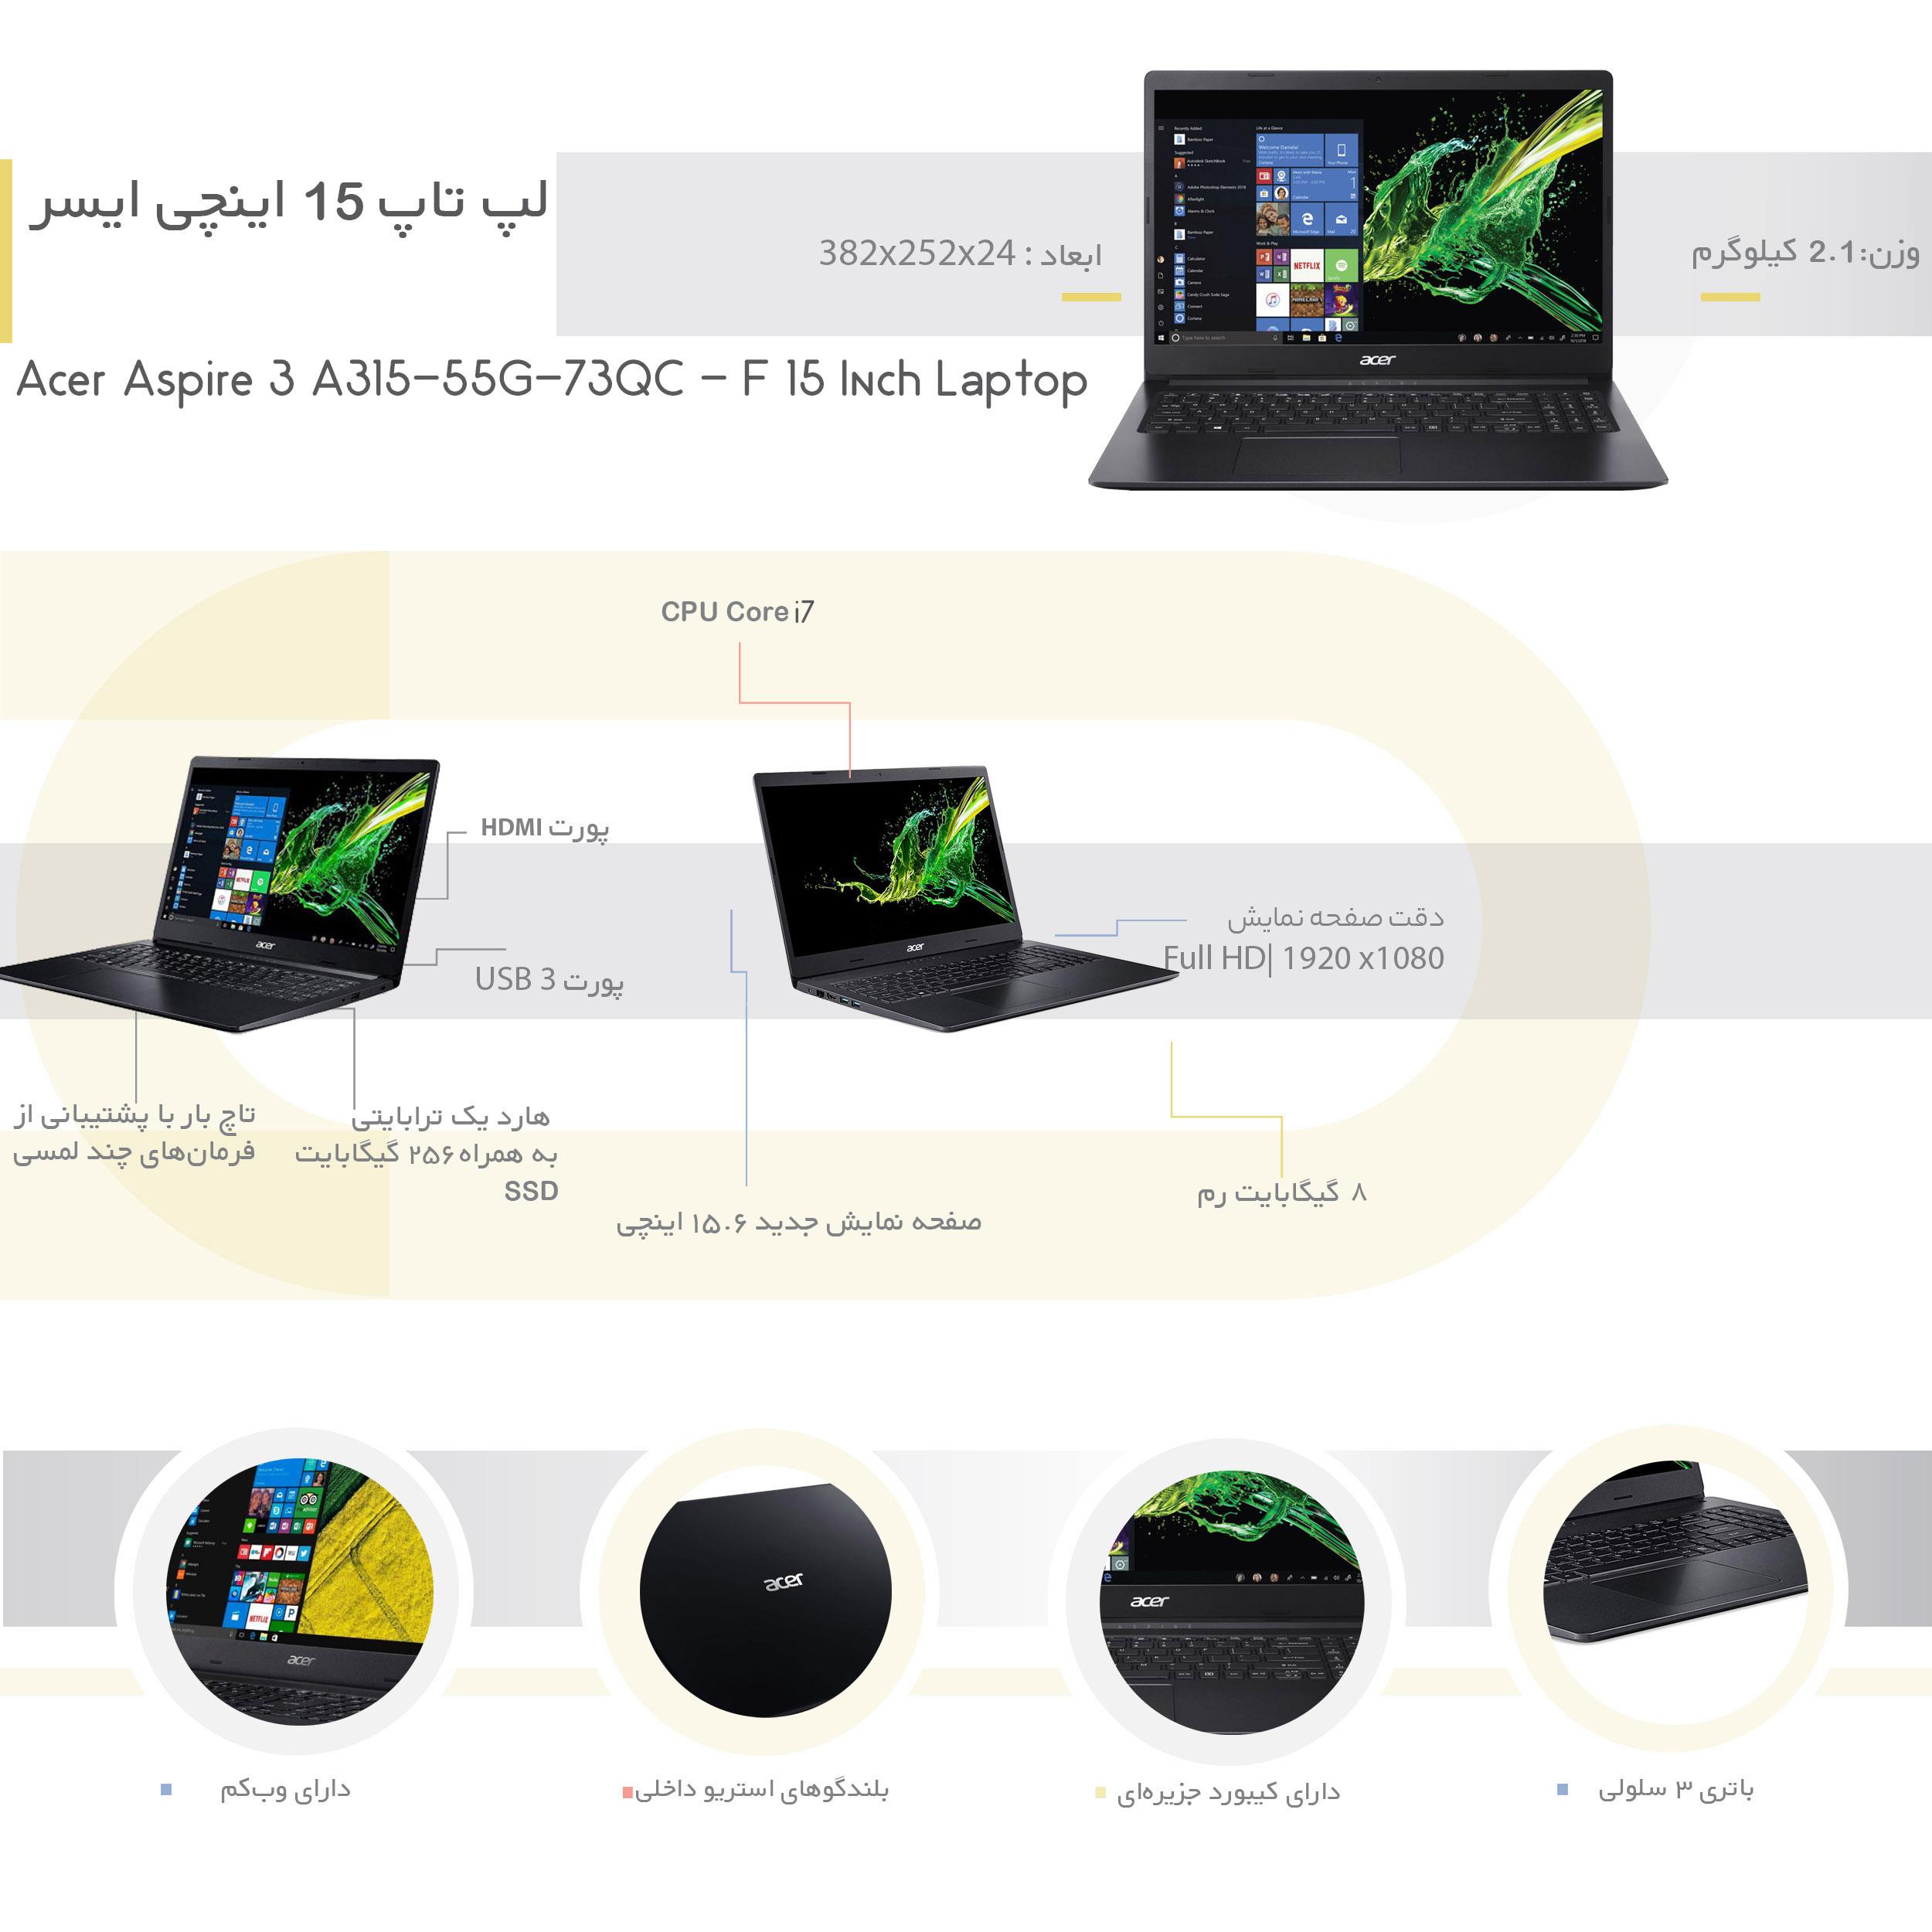 لپ تاپ 15 اینچی ایسر مدل Aspire 3 A315-57G-75CB  thumb 2 4